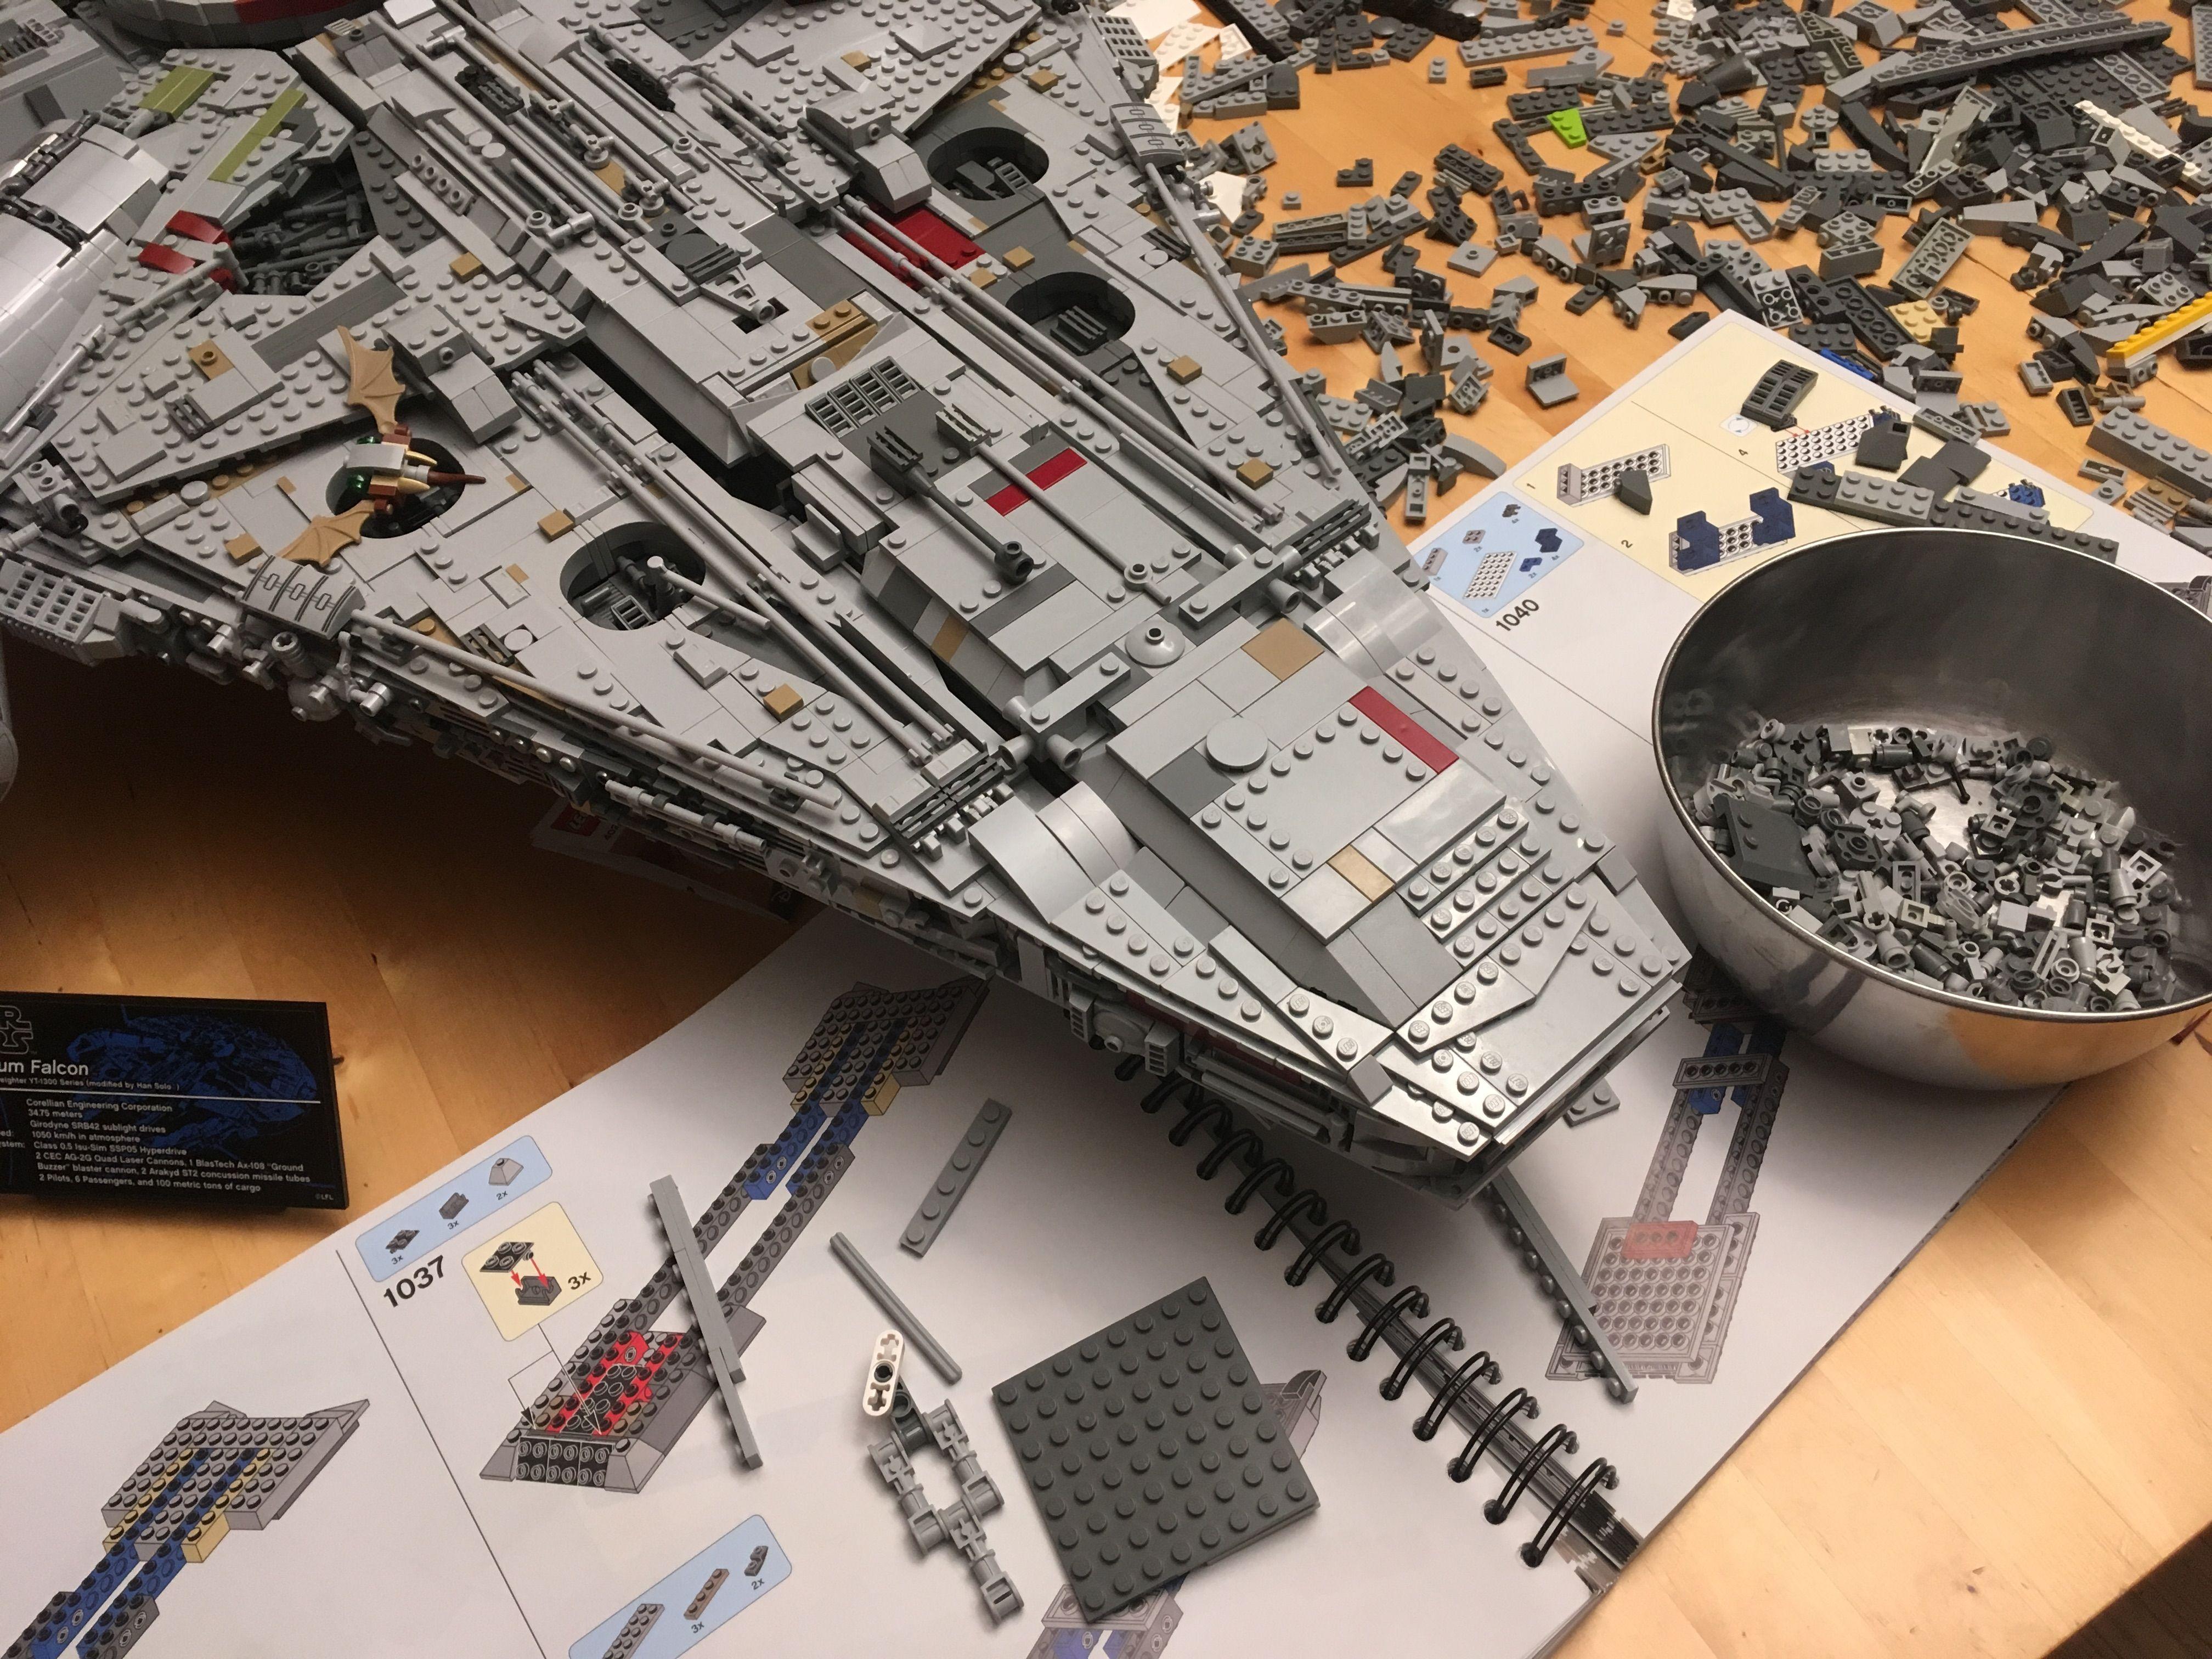 Ucs Millennium Falcon Escape Pod Love Of Lego Lego